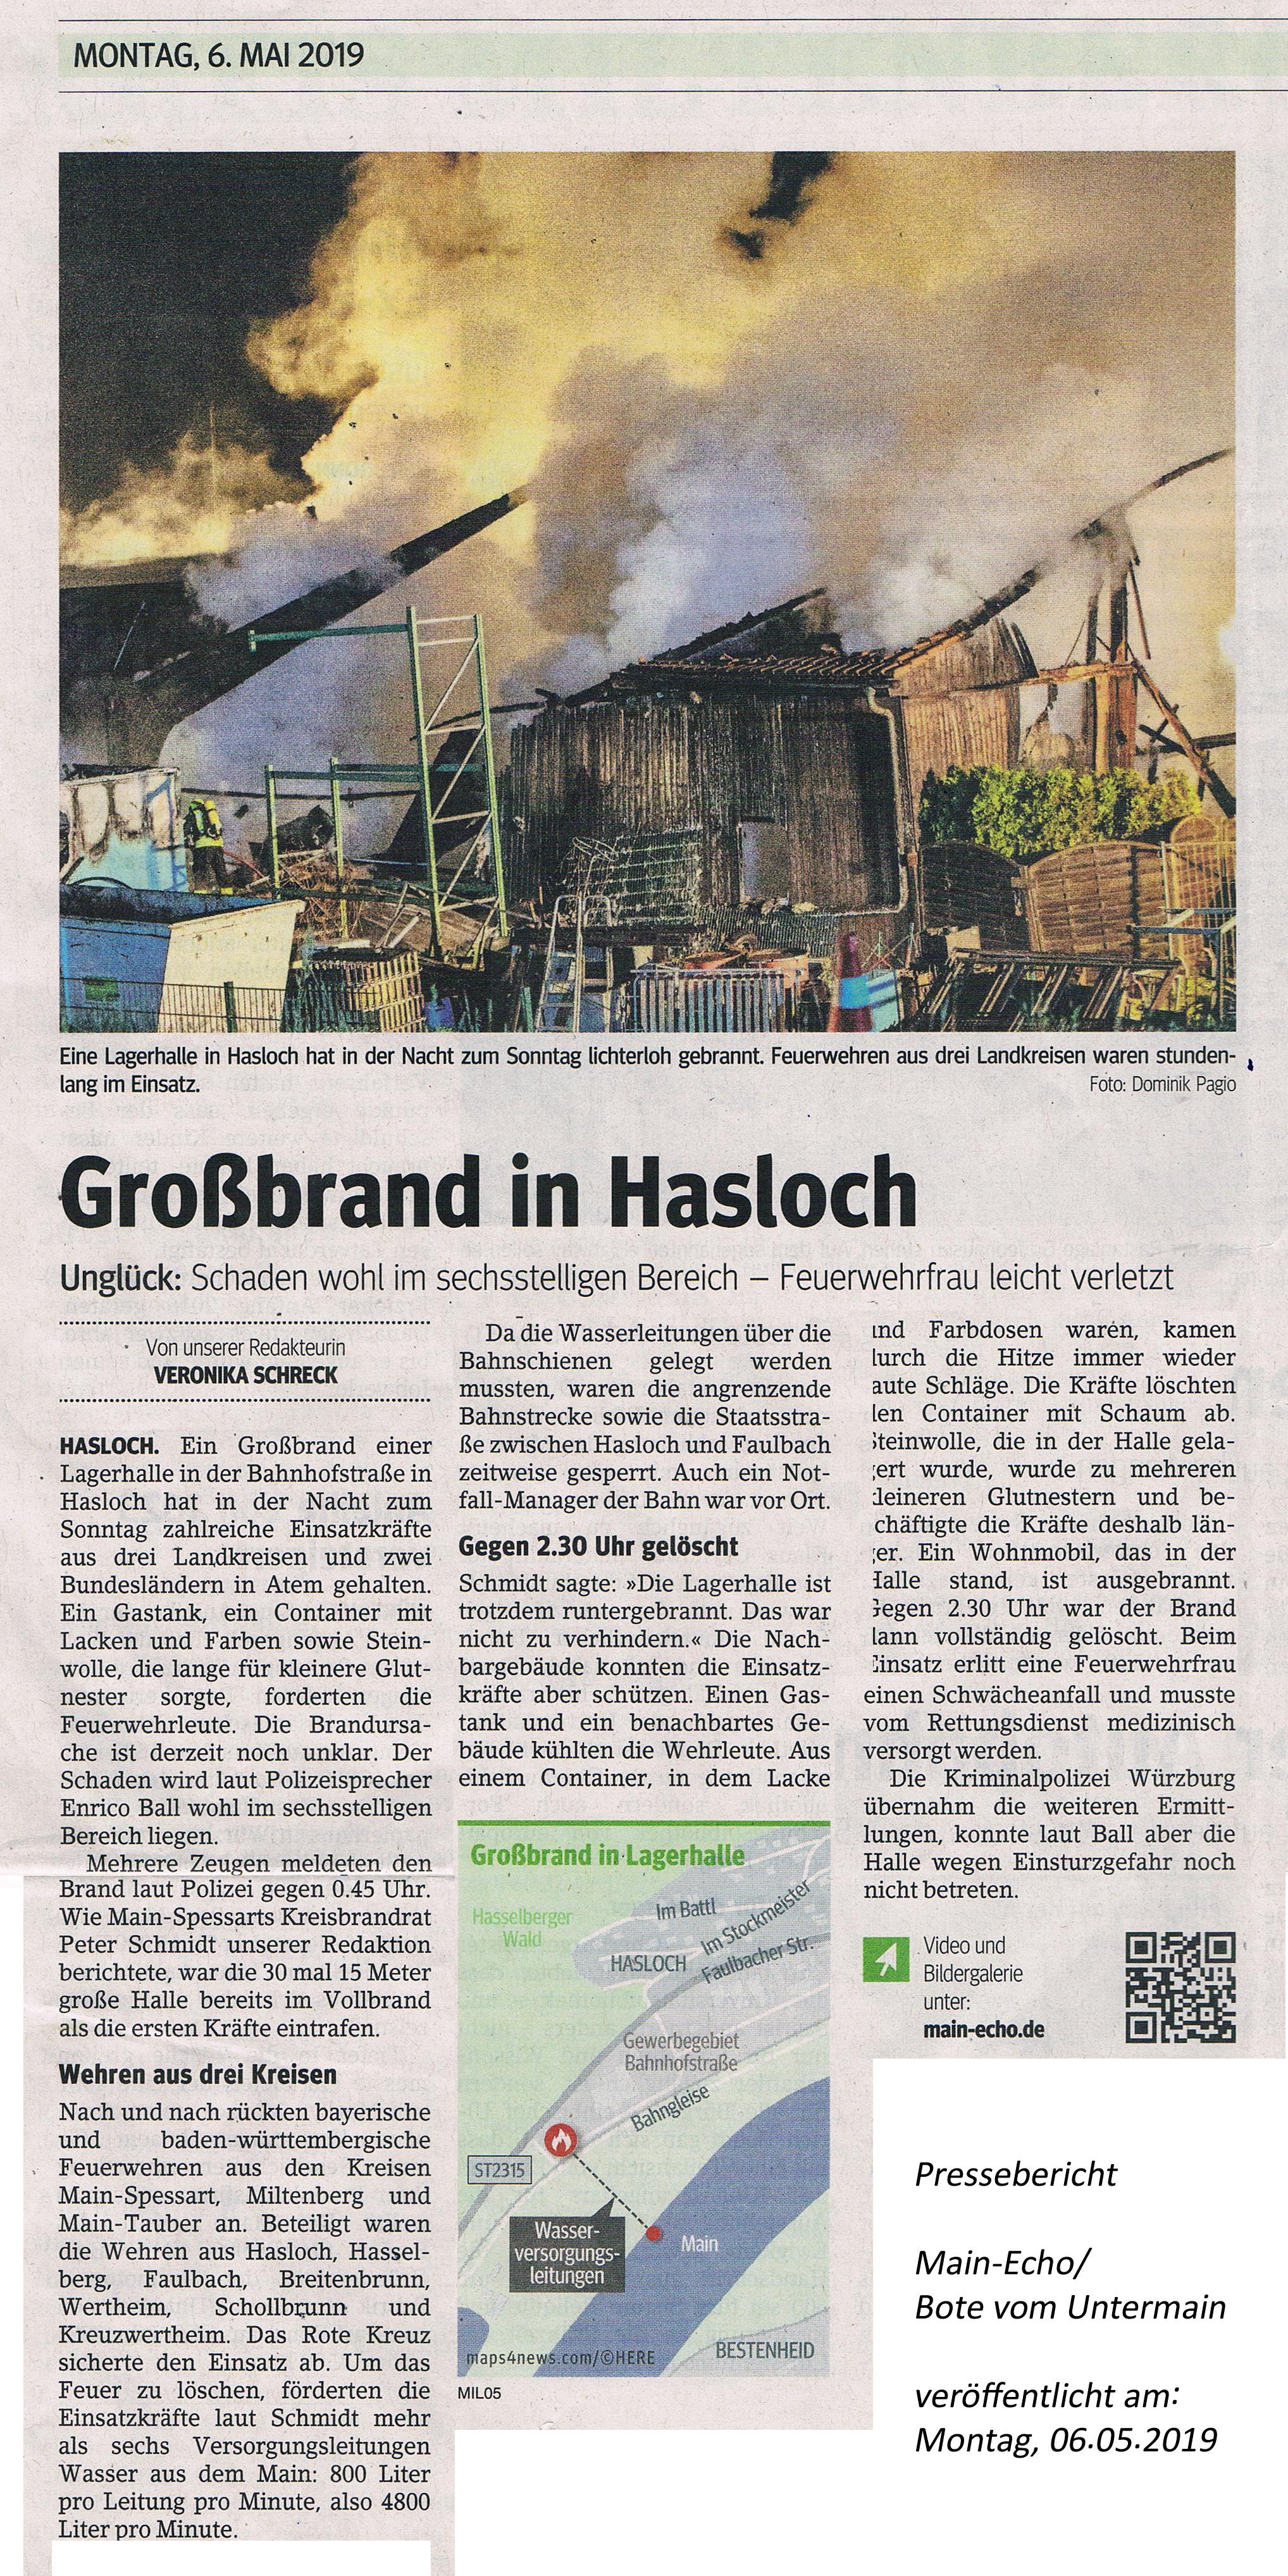 DS Dienstleistungen Tatortreinigung Pressebericht Main-Echo